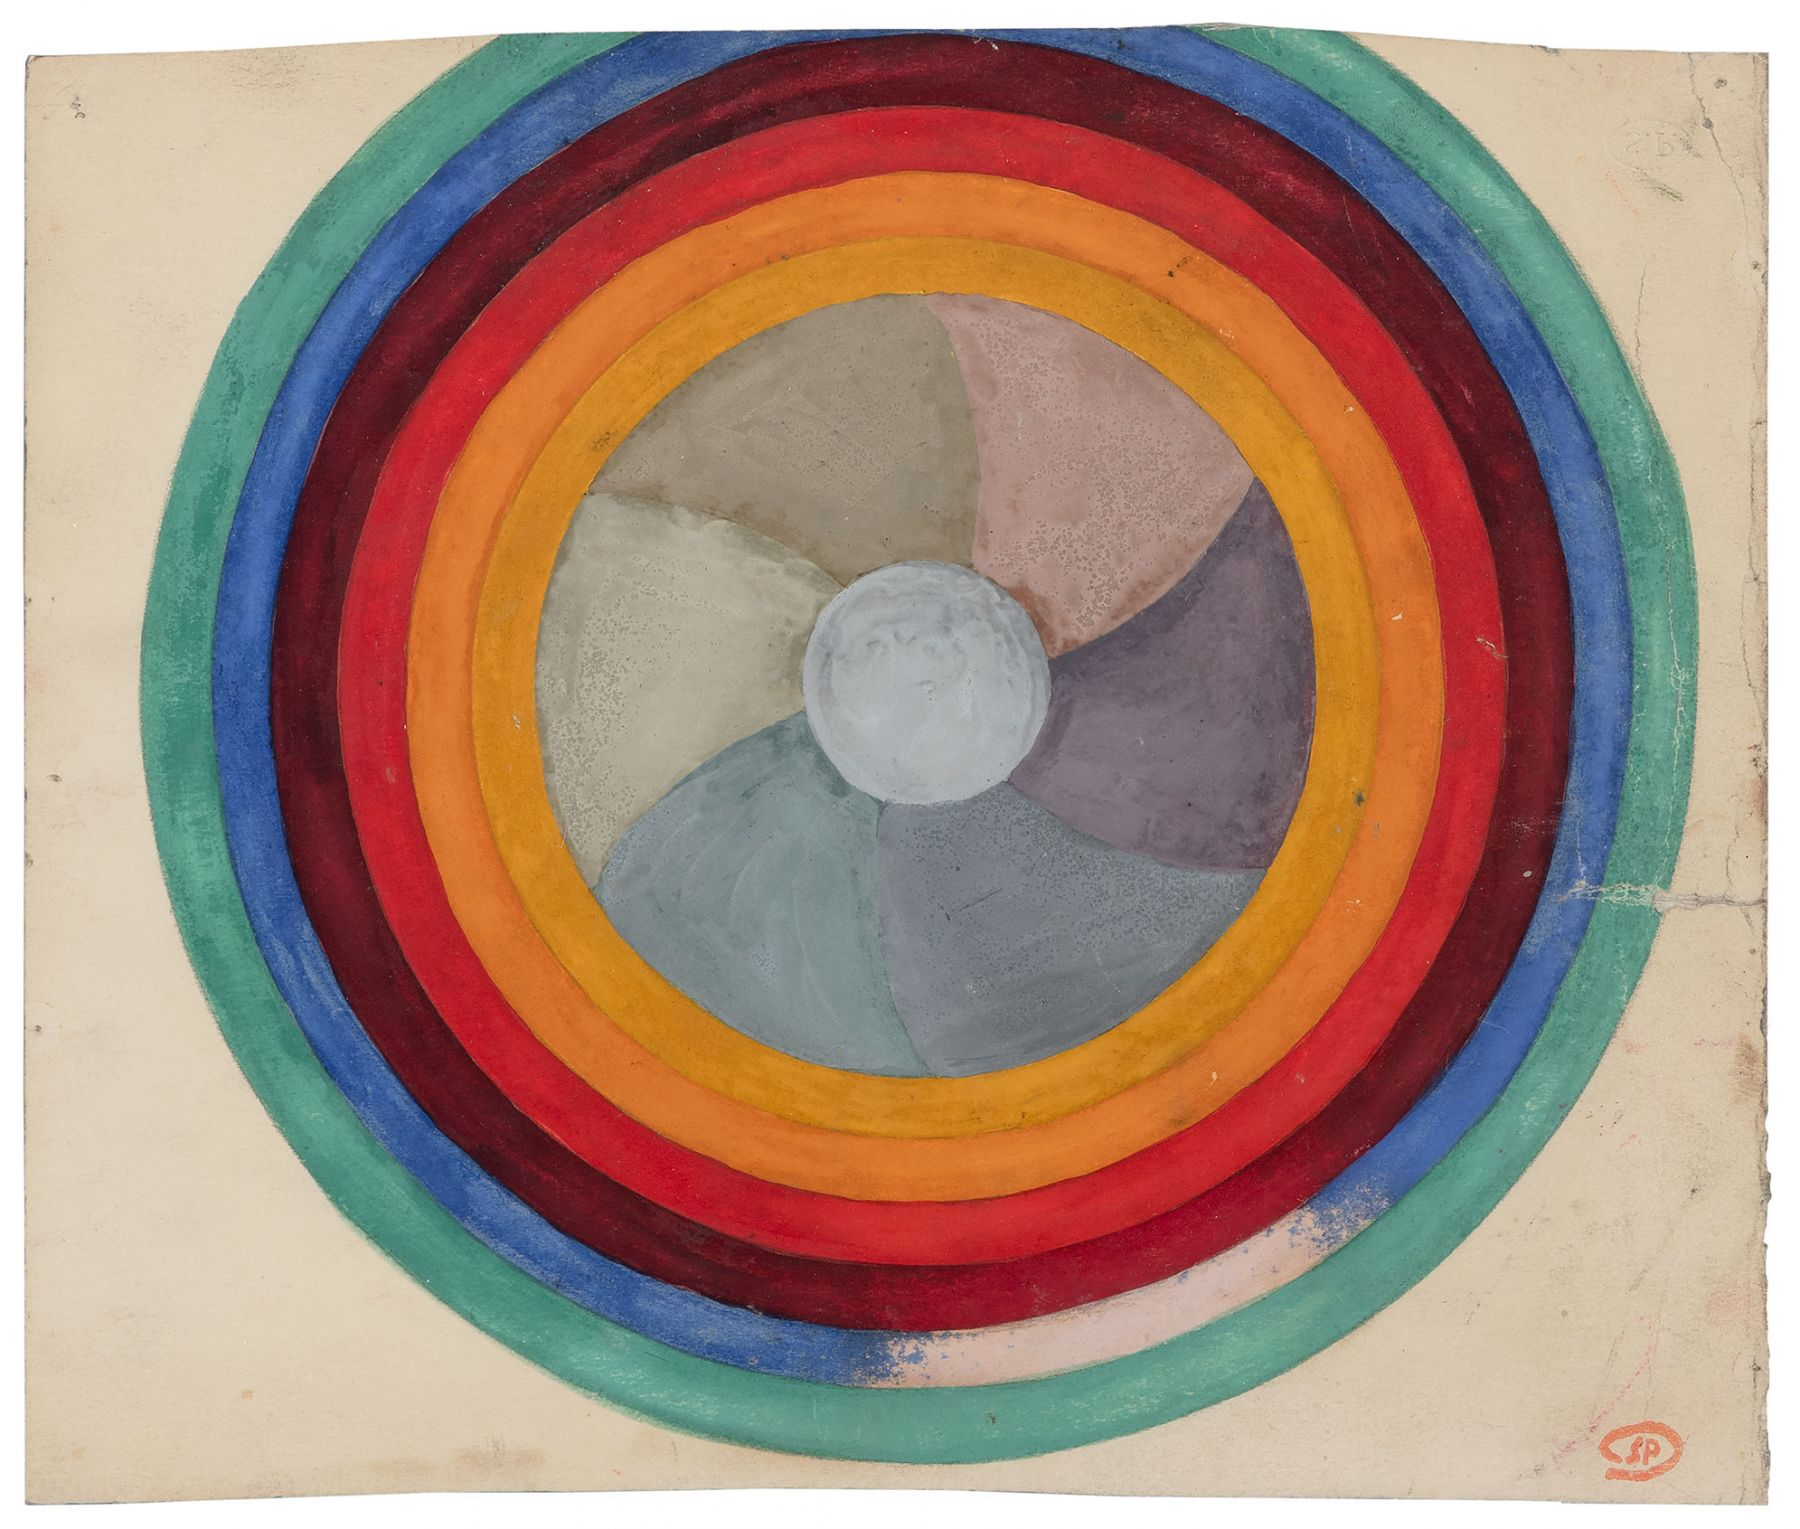 SP.40241 1 - ÉTUDE DE CERCLES (1938)